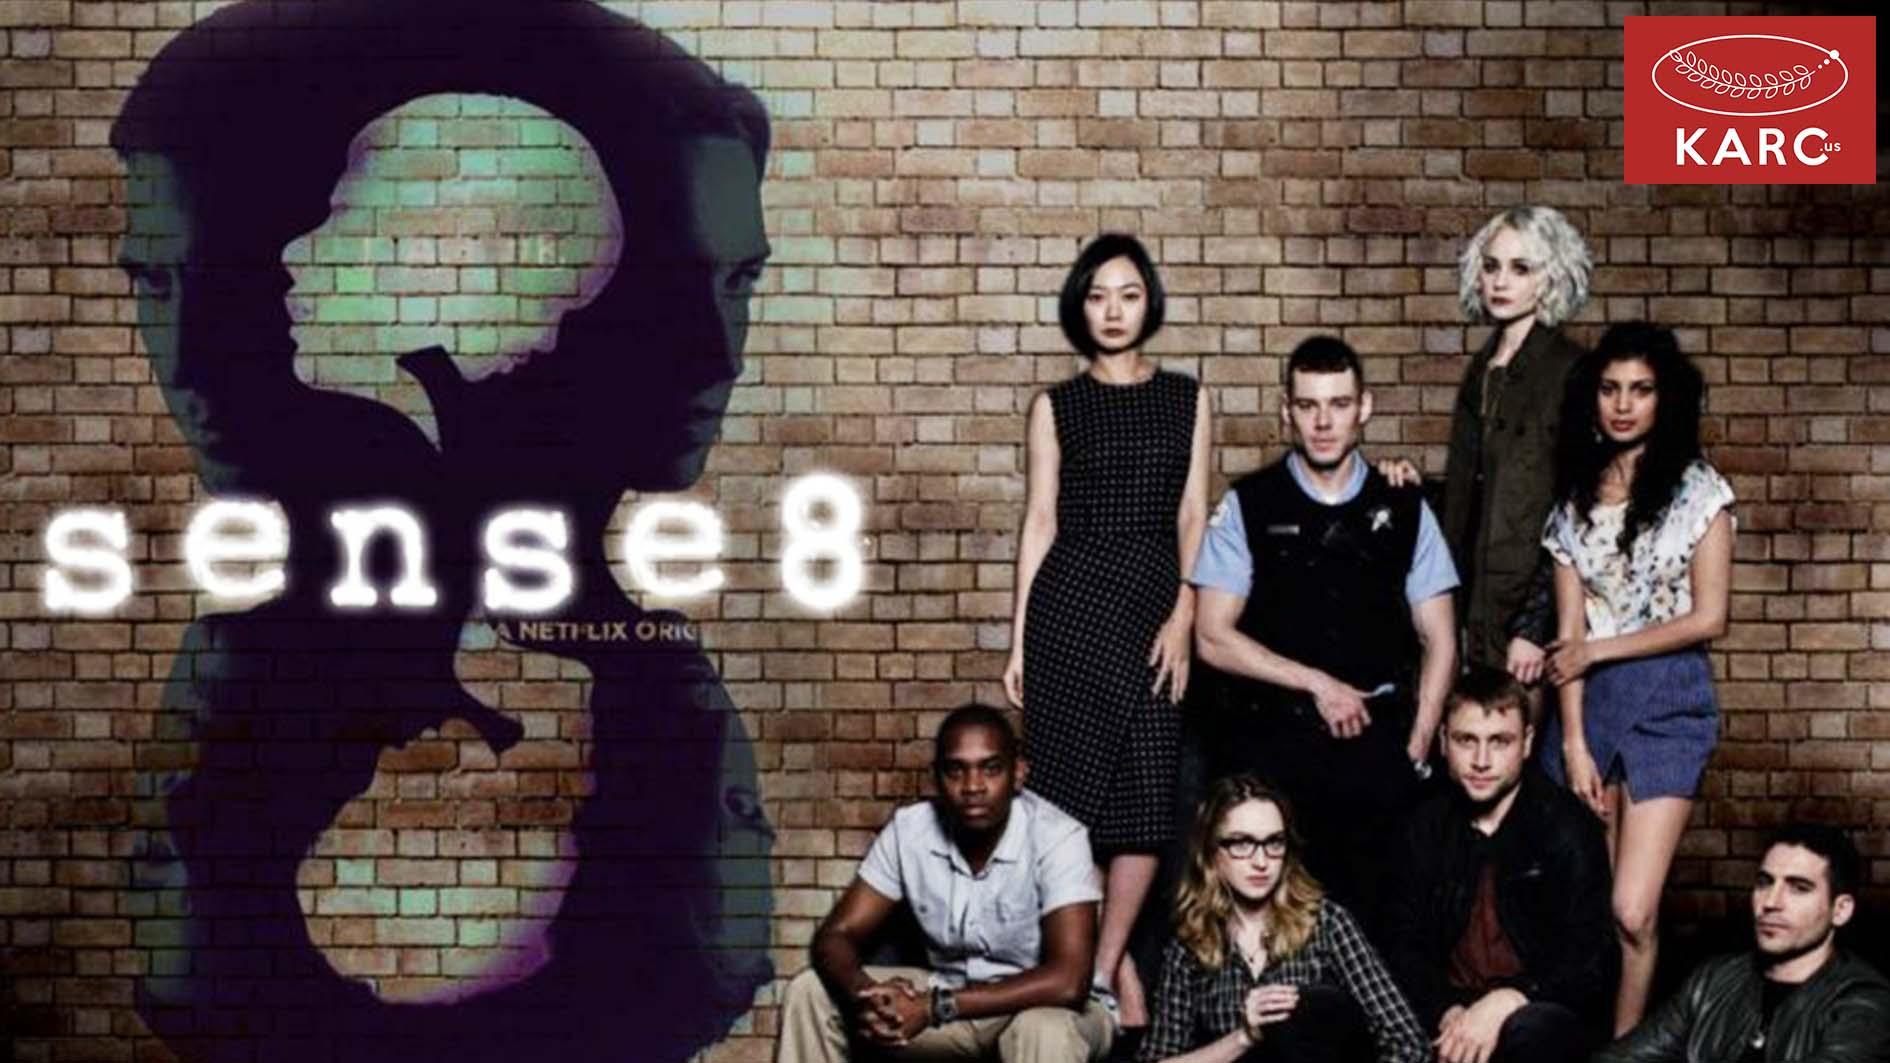 รีวิวซี่รี่ย์ Netflix :: Sense8 สื่อกันทางจิต -karc.us วงการภาพยนต์ , แนะนำหนังดี , แนะนำหนังน่าดู , หนังน่าดู , #รีวิวหนังใหม่ , ก่อนตายต้องได้ดู! , ข่าวดารา , ข่าวเด่นประเด็นร้อน , รีวิวหนังใหม่ , หนังดังในอดีต , karc.us ,